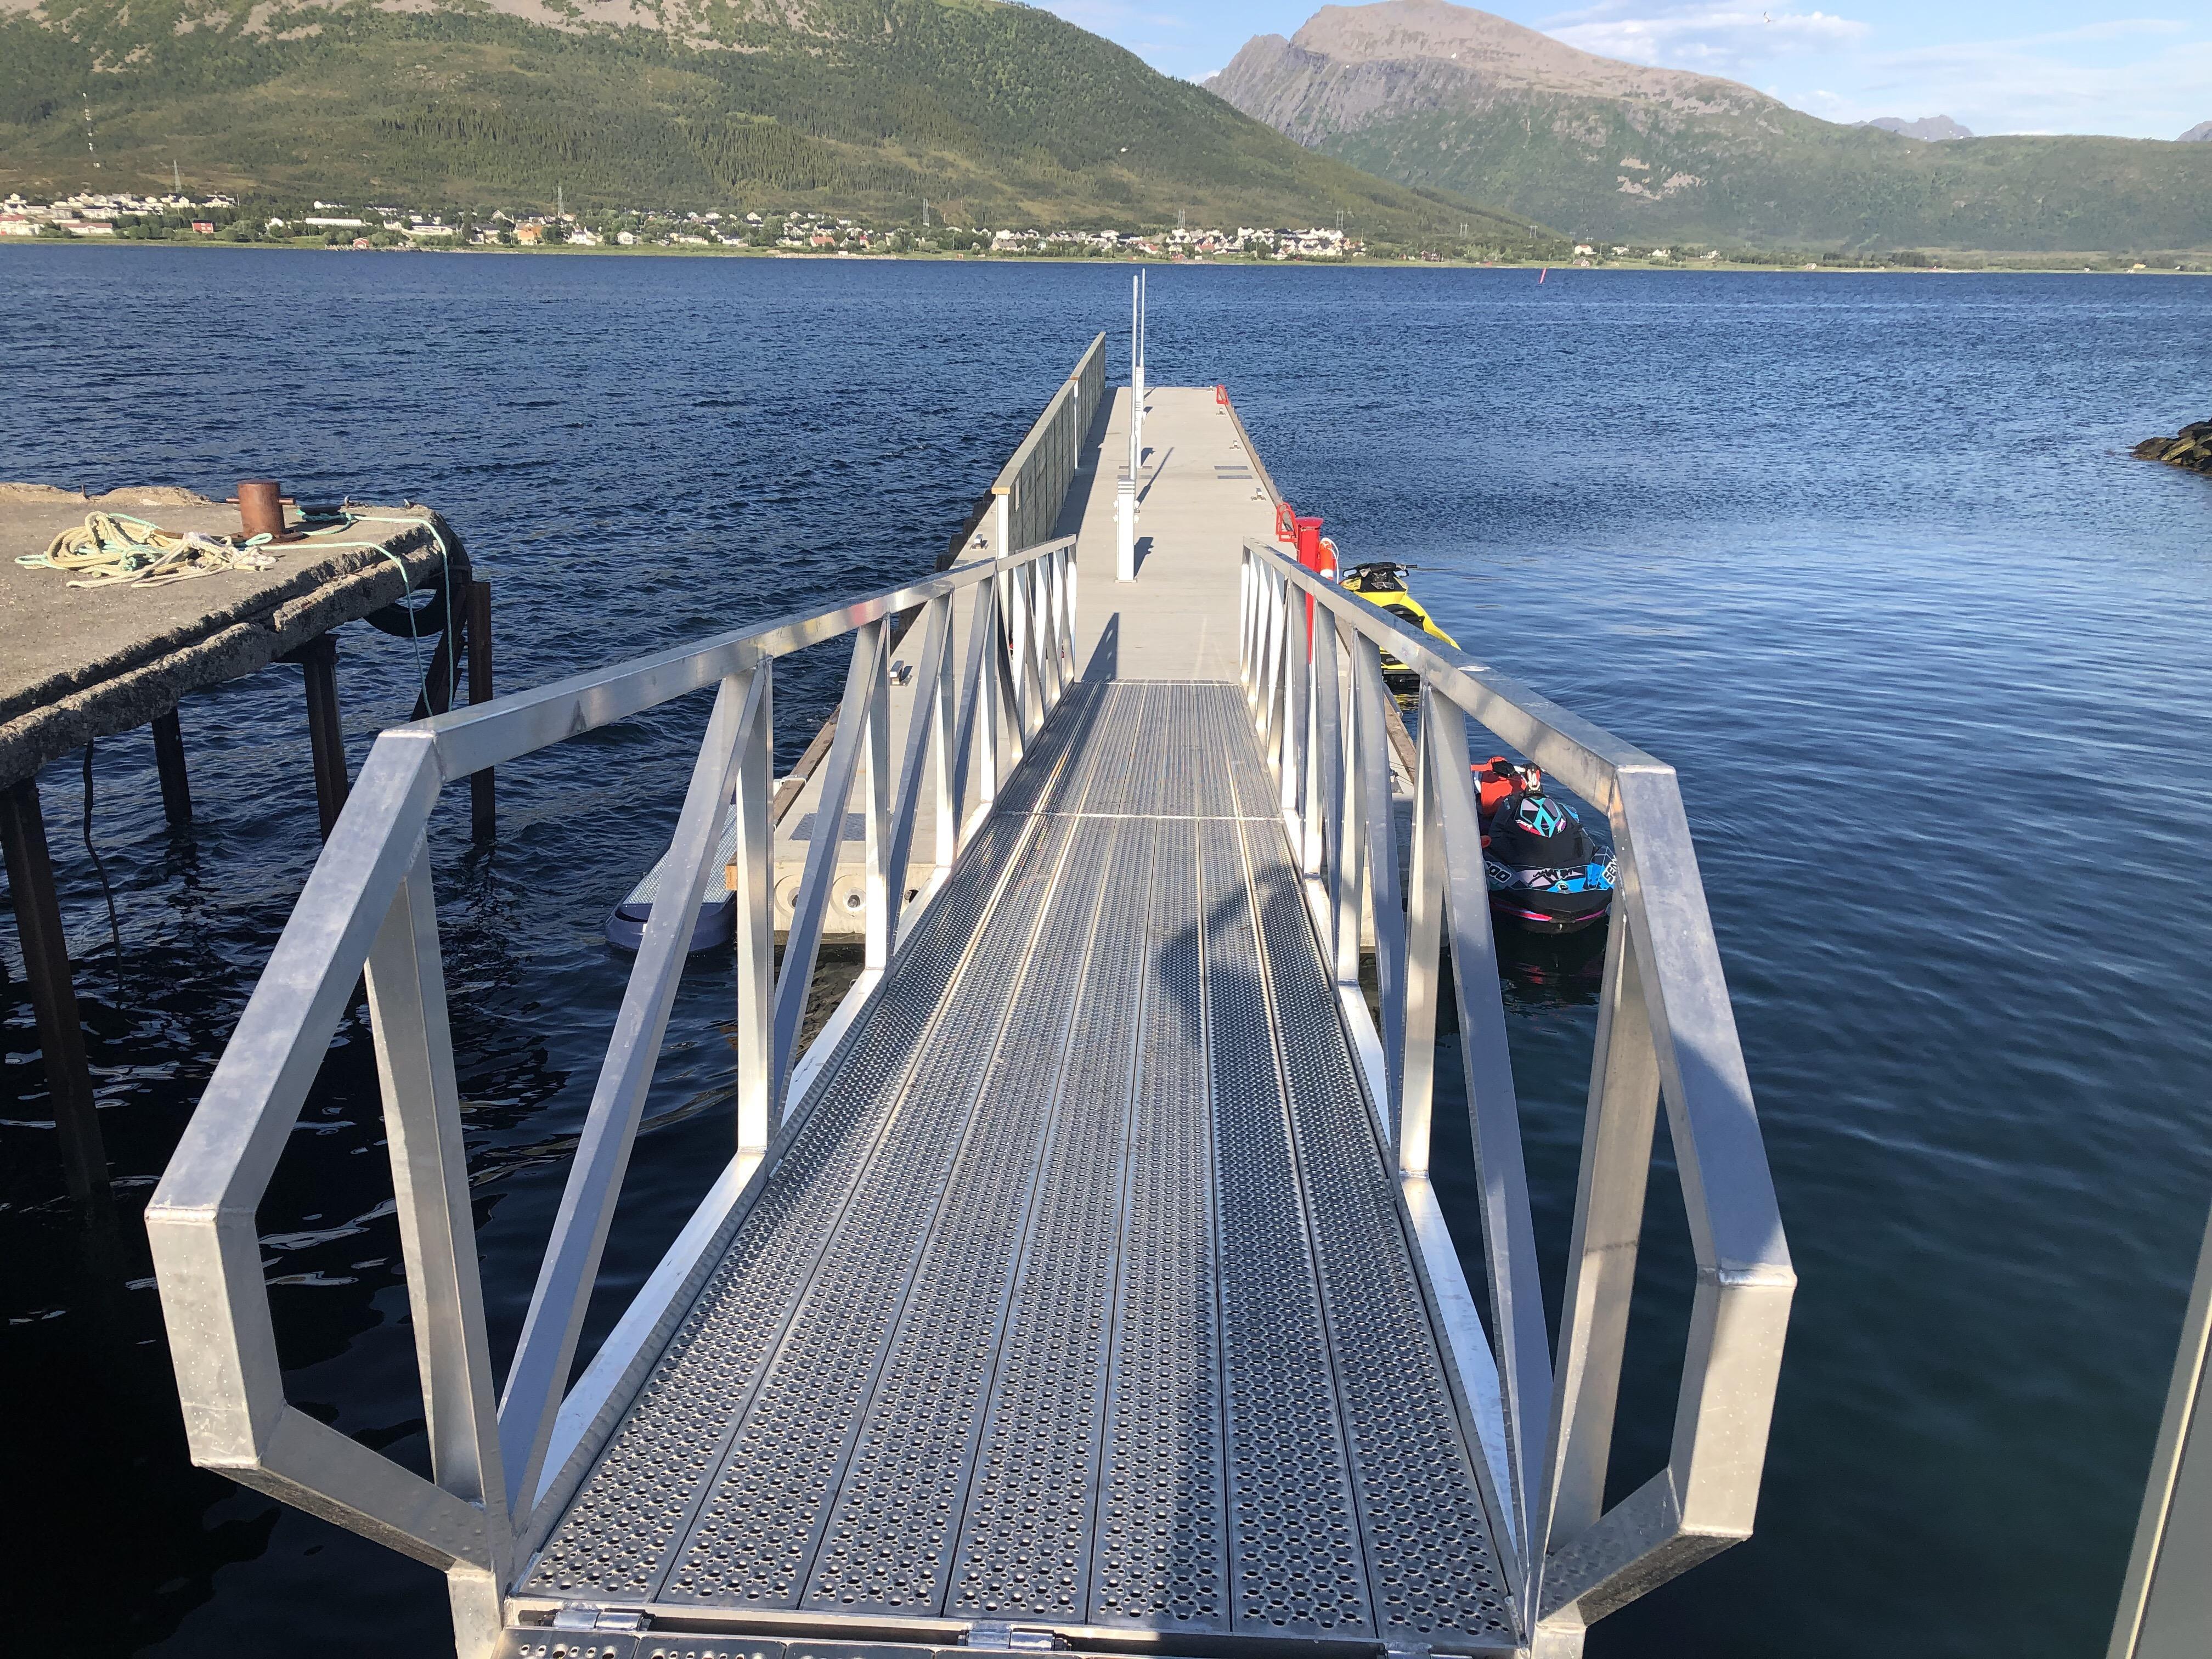 https://www.marinasolutions.no/uploads/Flytebrygger-Sortland-Torghuken-sos-post-redningsleider-heavy-duty-landgang-fiskeri-og-havbruk.JPG